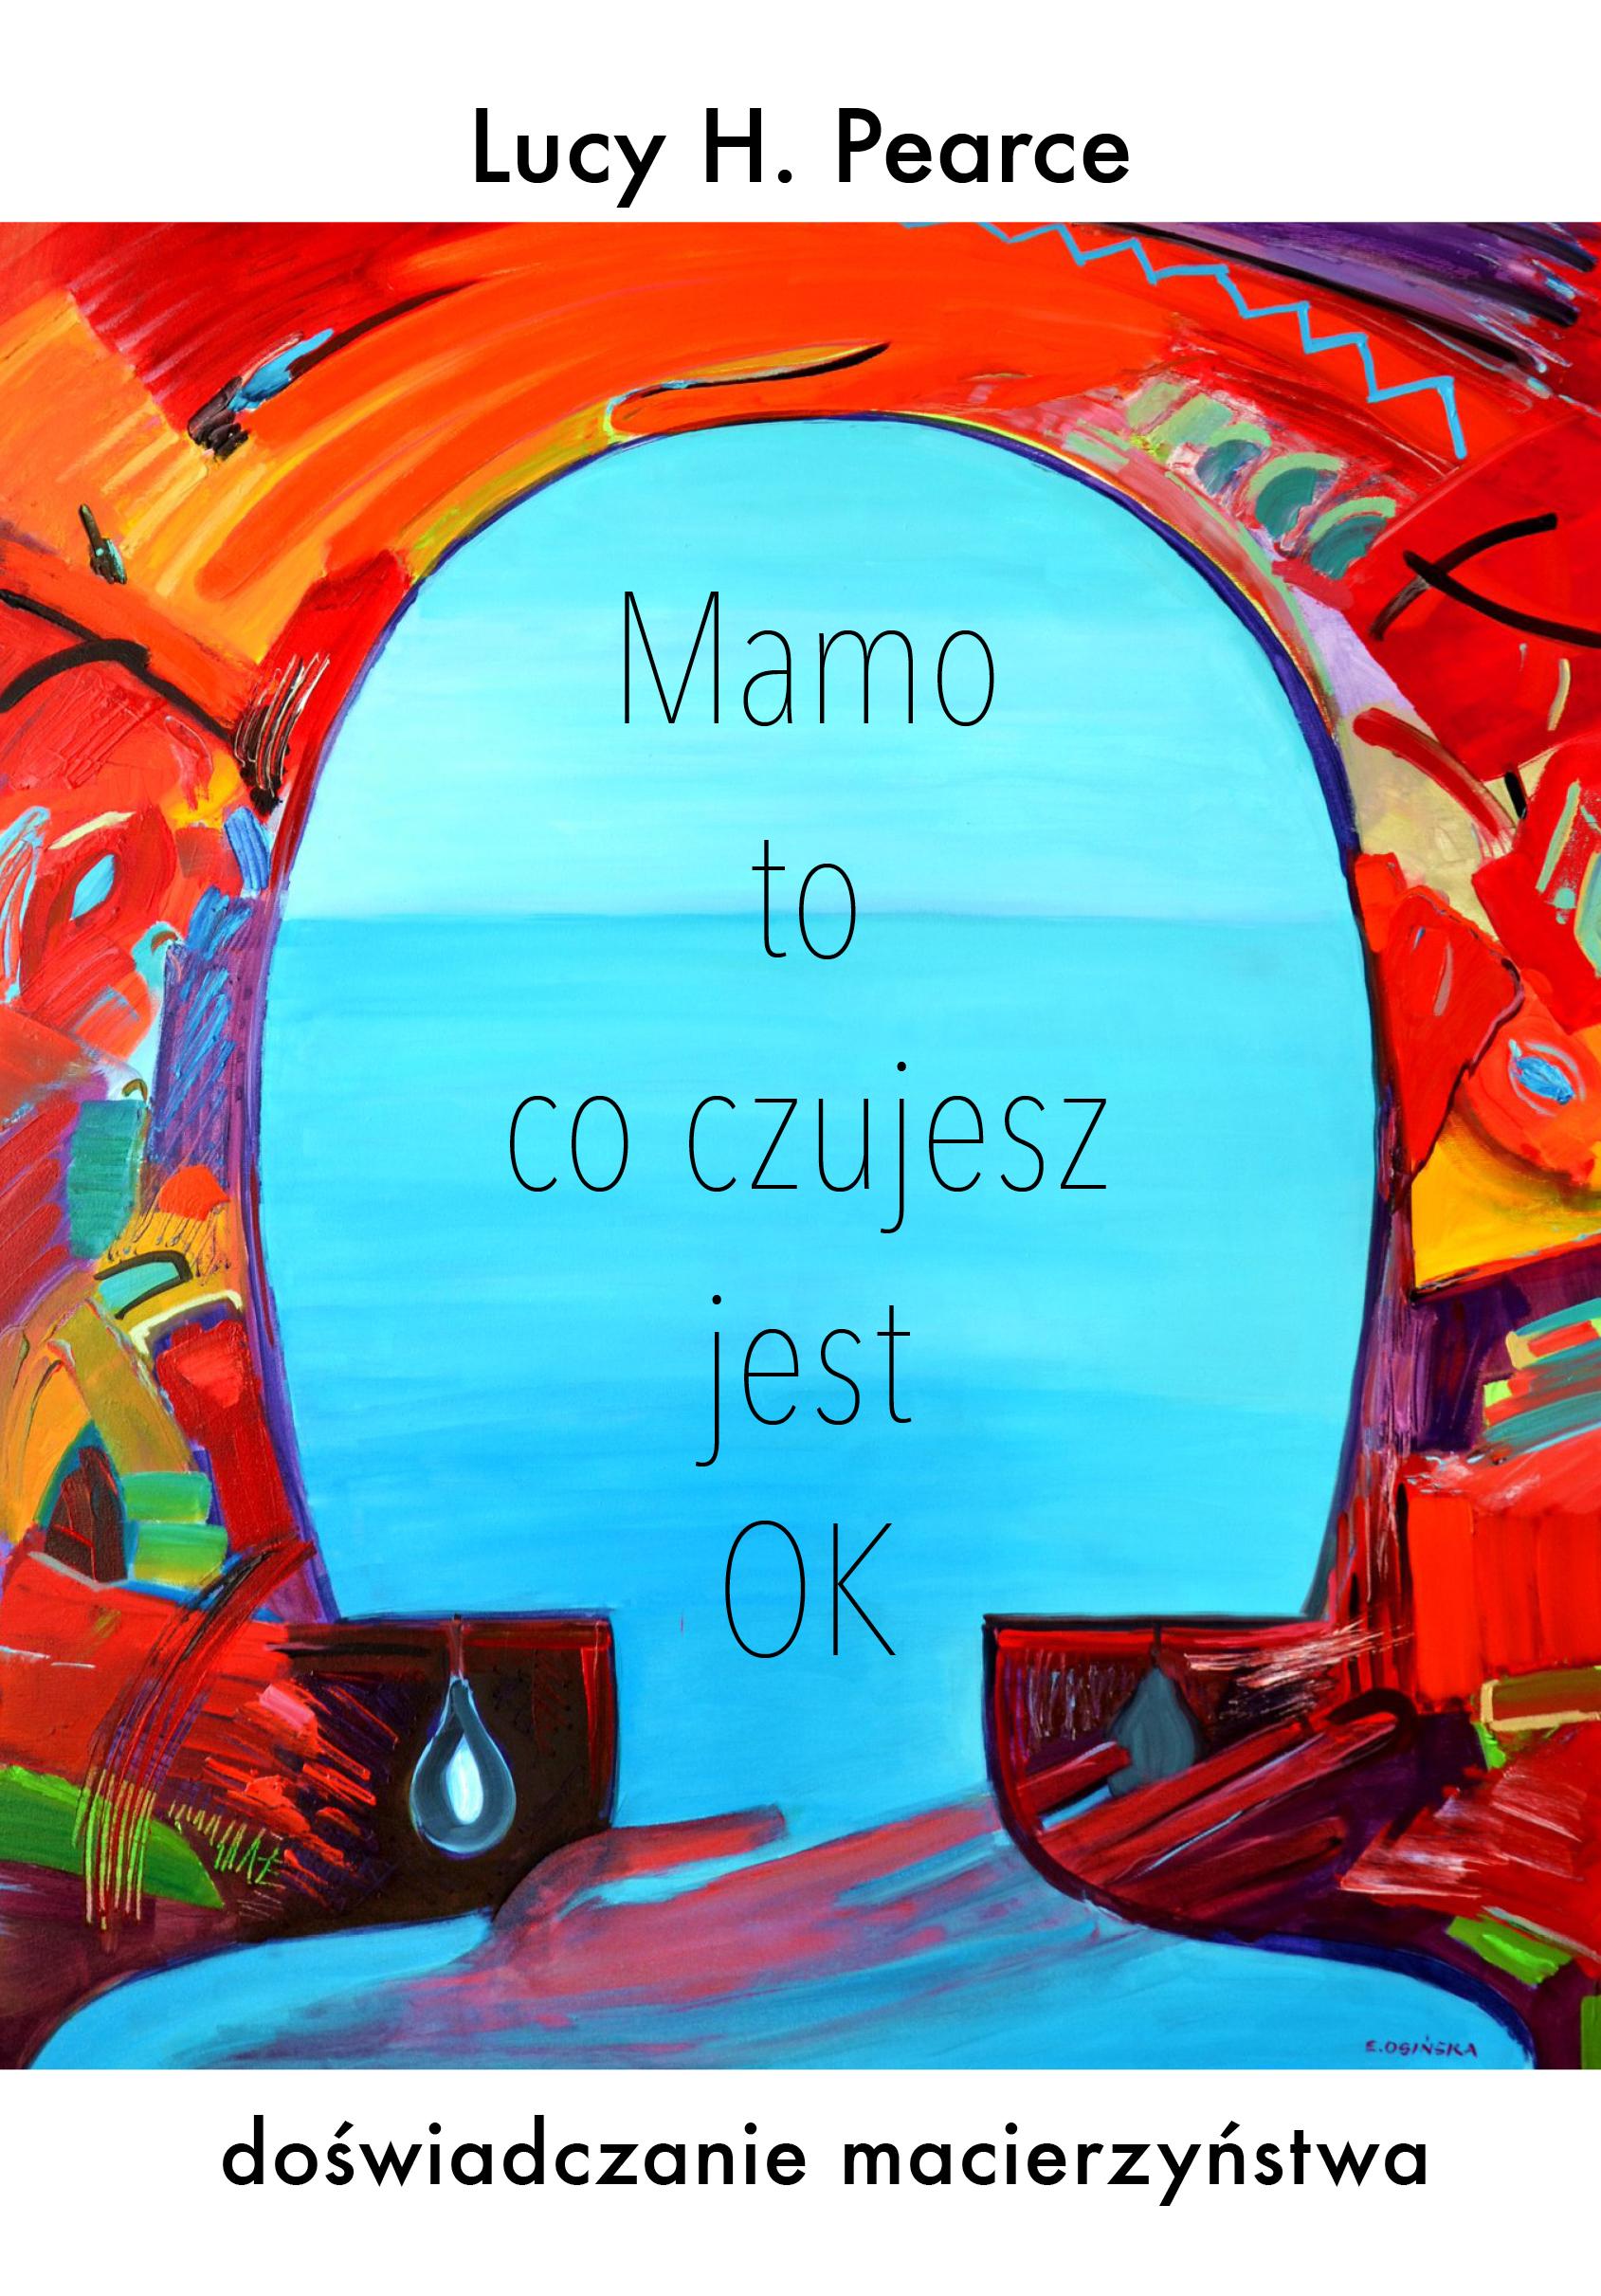 macierzynstwo-OK-2